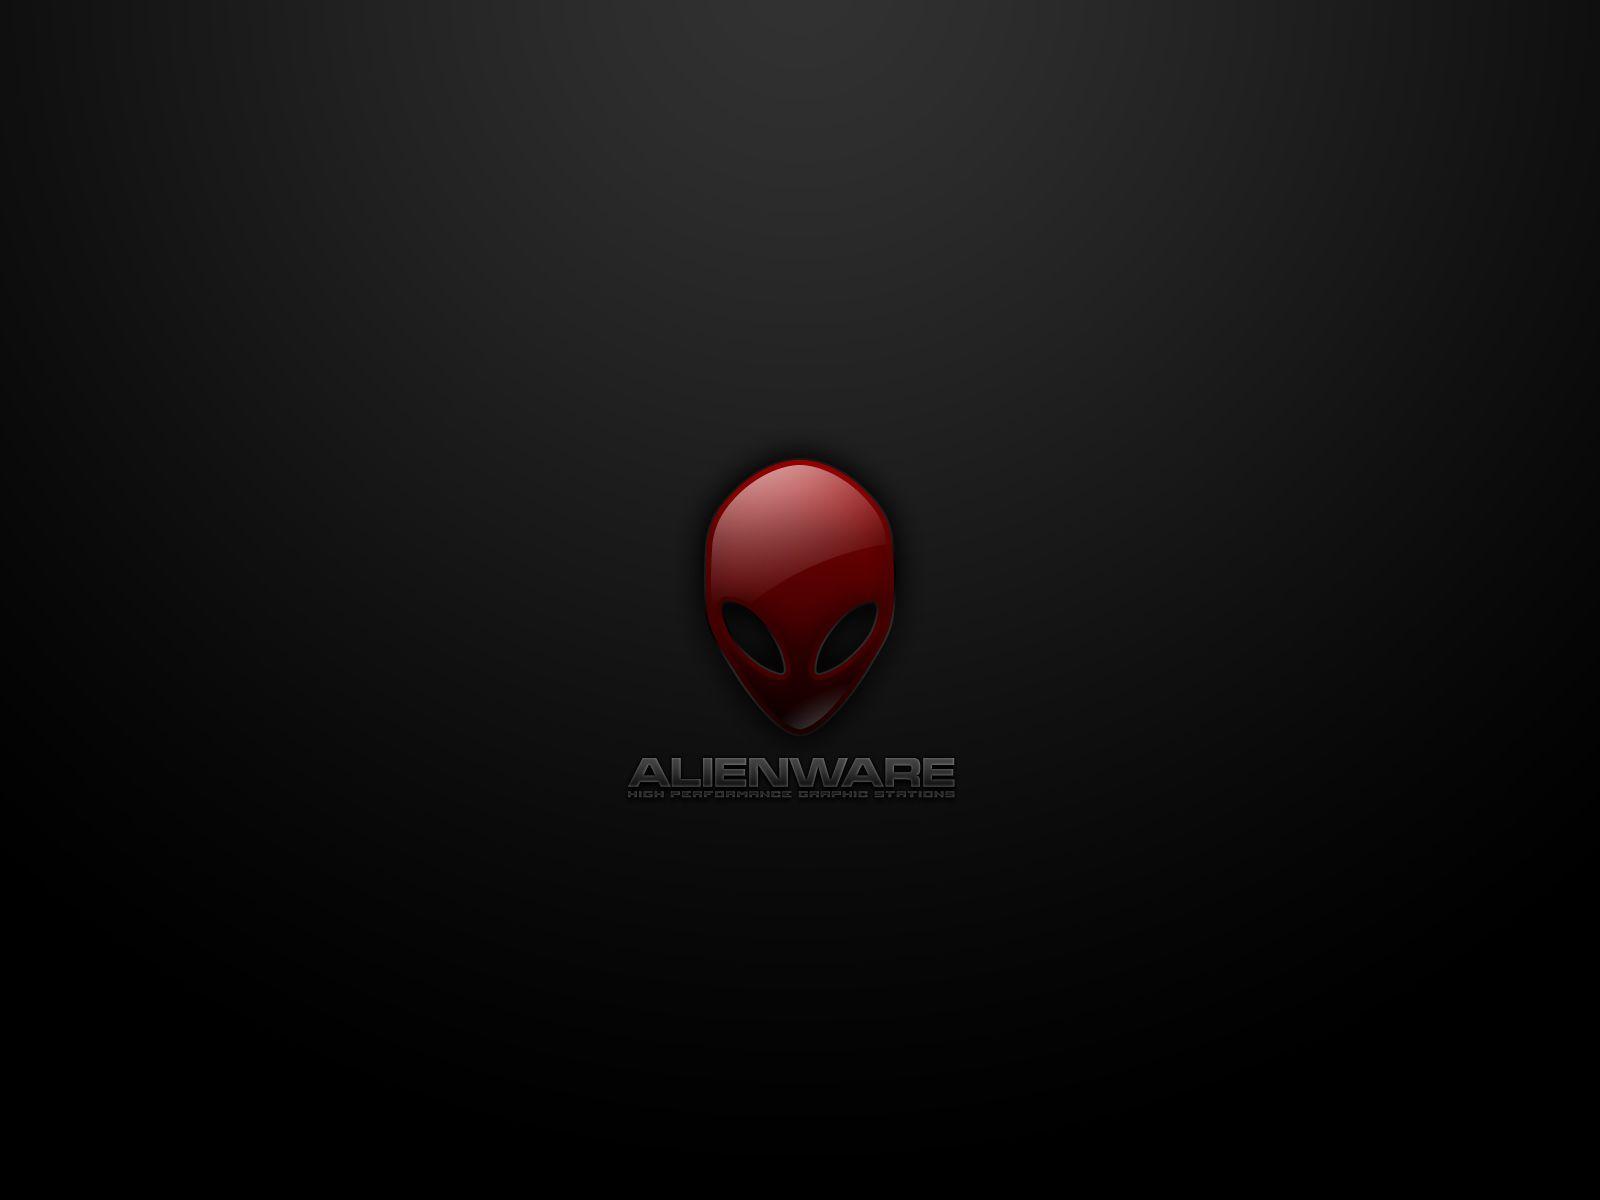 Alienware Desktop Backgrounds Alienware Fx Themes Alienware Alienware Desktop Hd Wallpaper